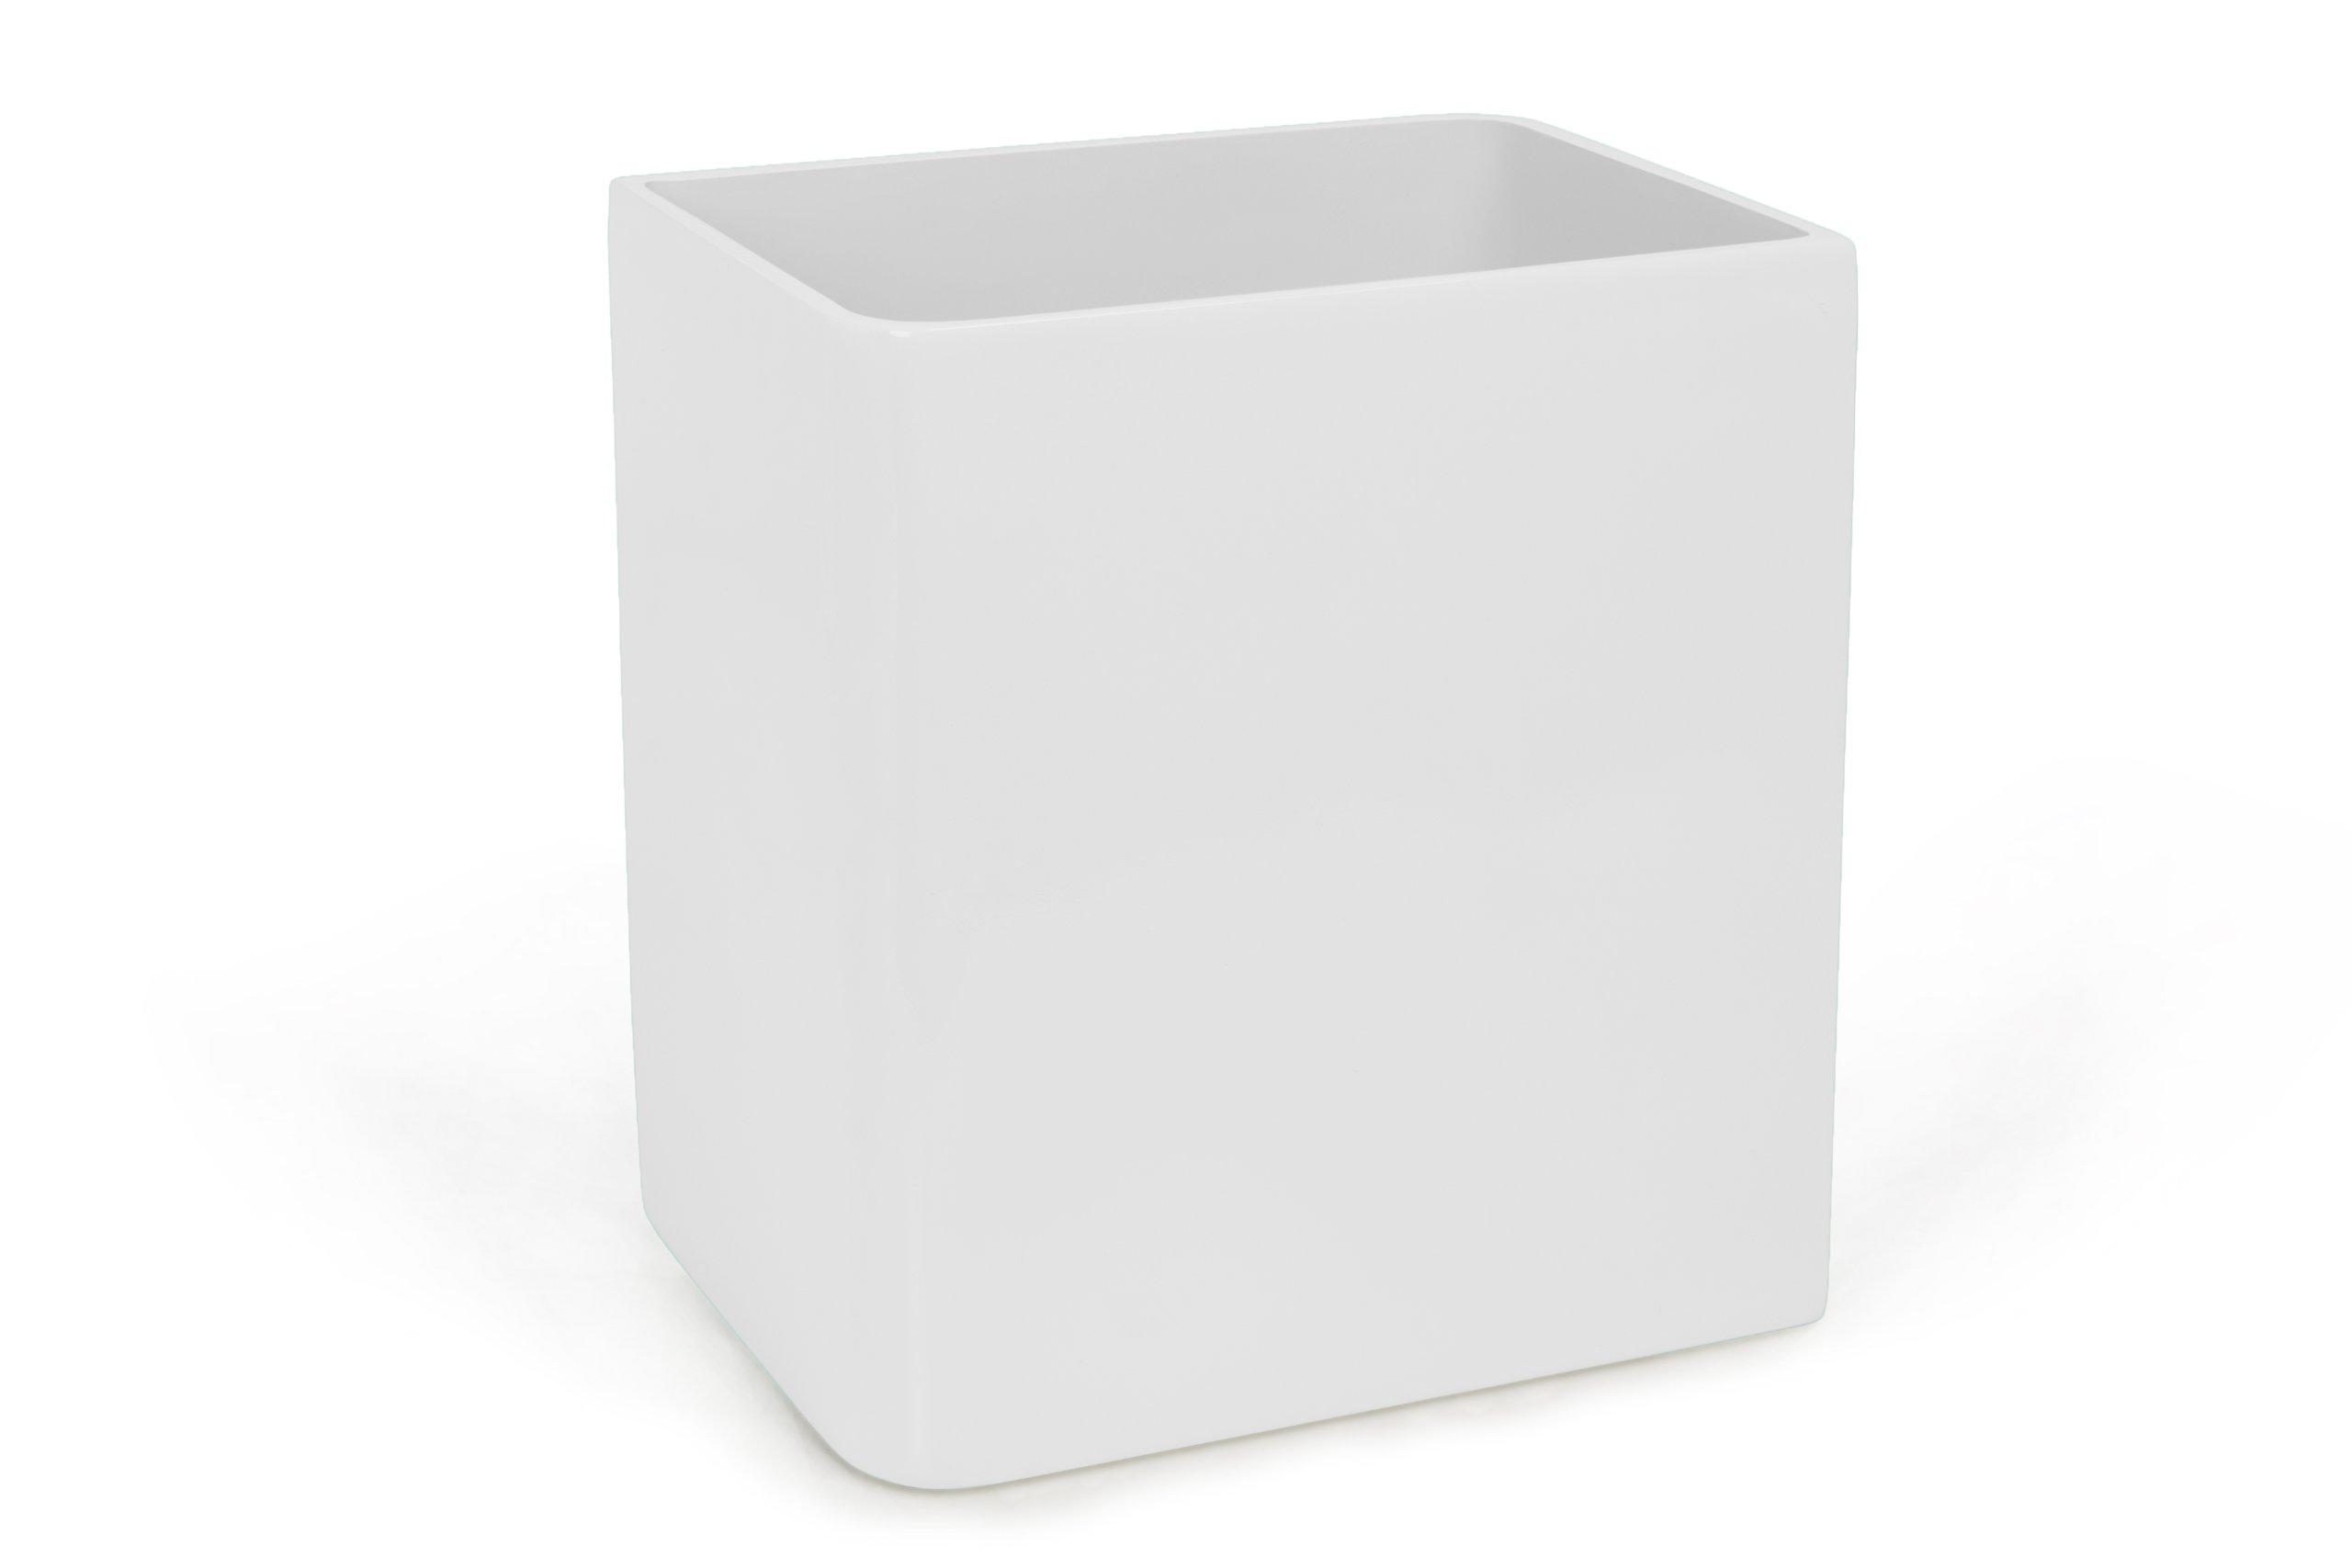 Kassatex Lacca Bath Accessories Waste Basket, White